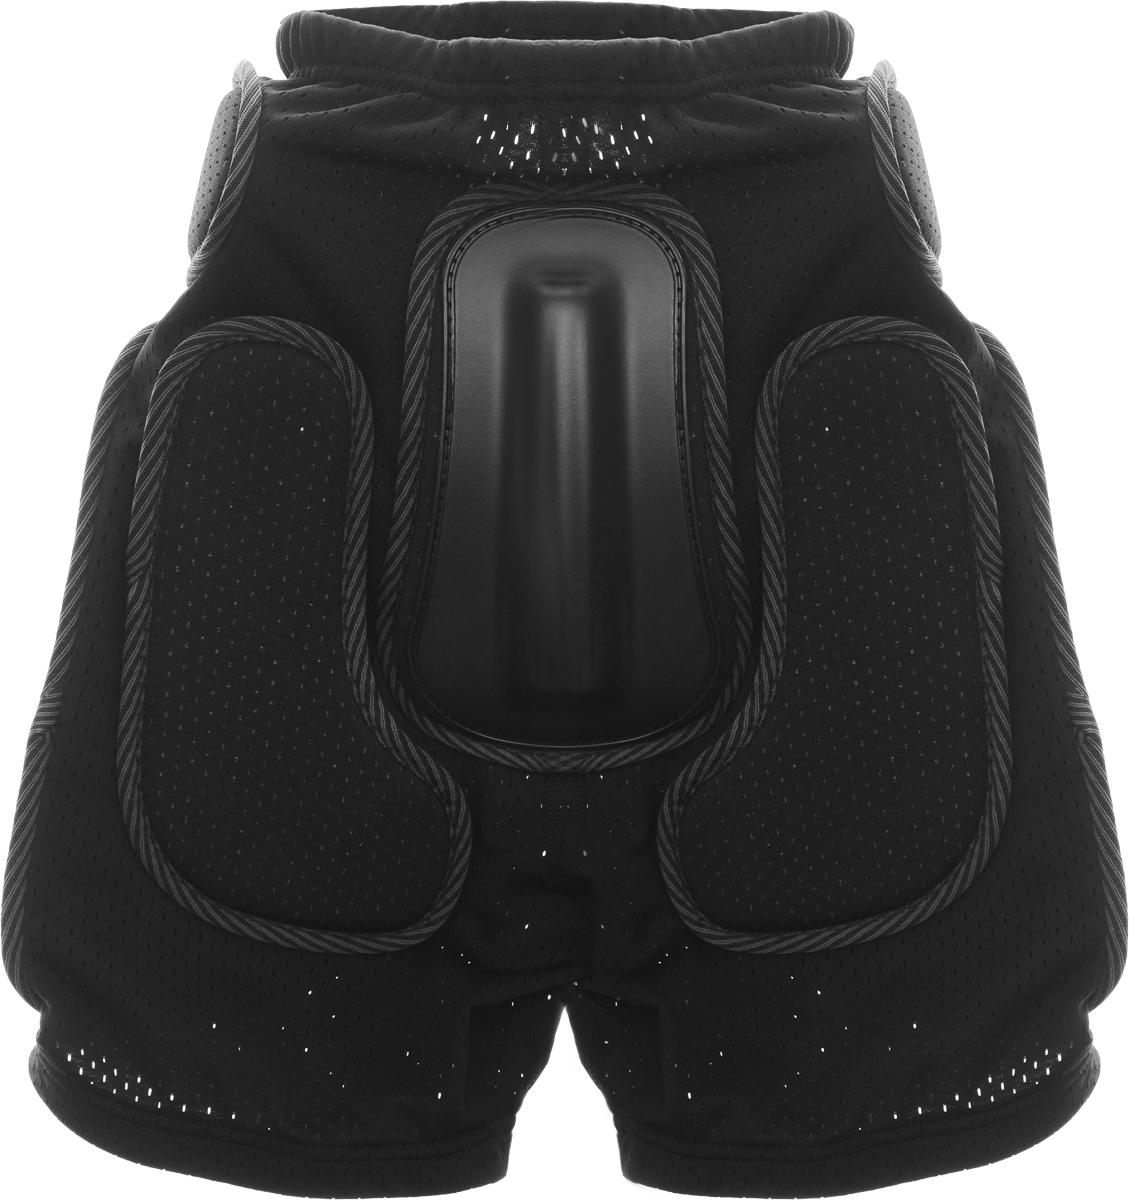 Шорты защитные Biont  Комфорт , цвет: черный, размер XS - Защита